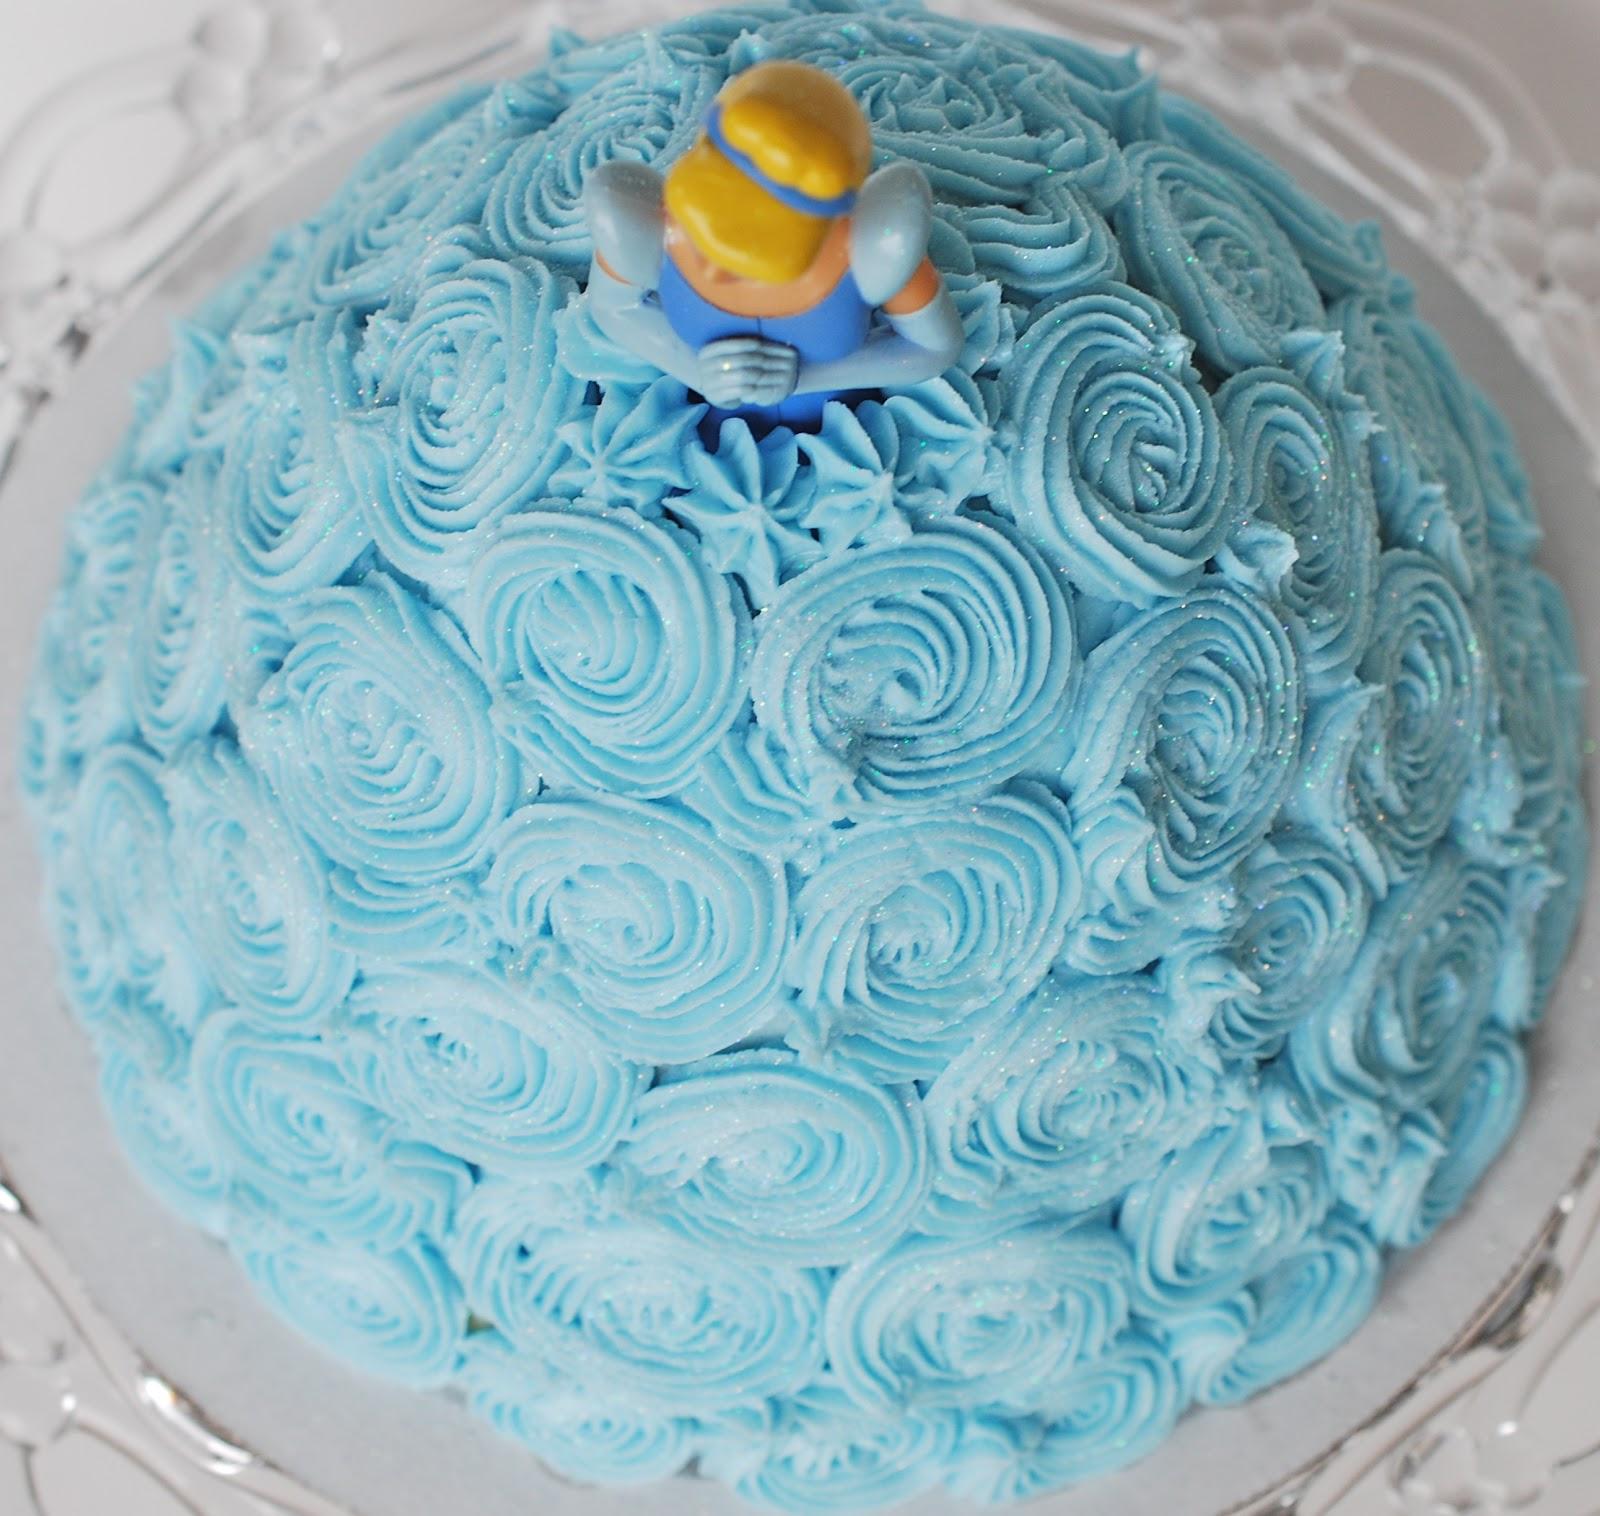 wunderschöne-Torte-mit-der-Märchenfigur-der-Brüder-Grimm